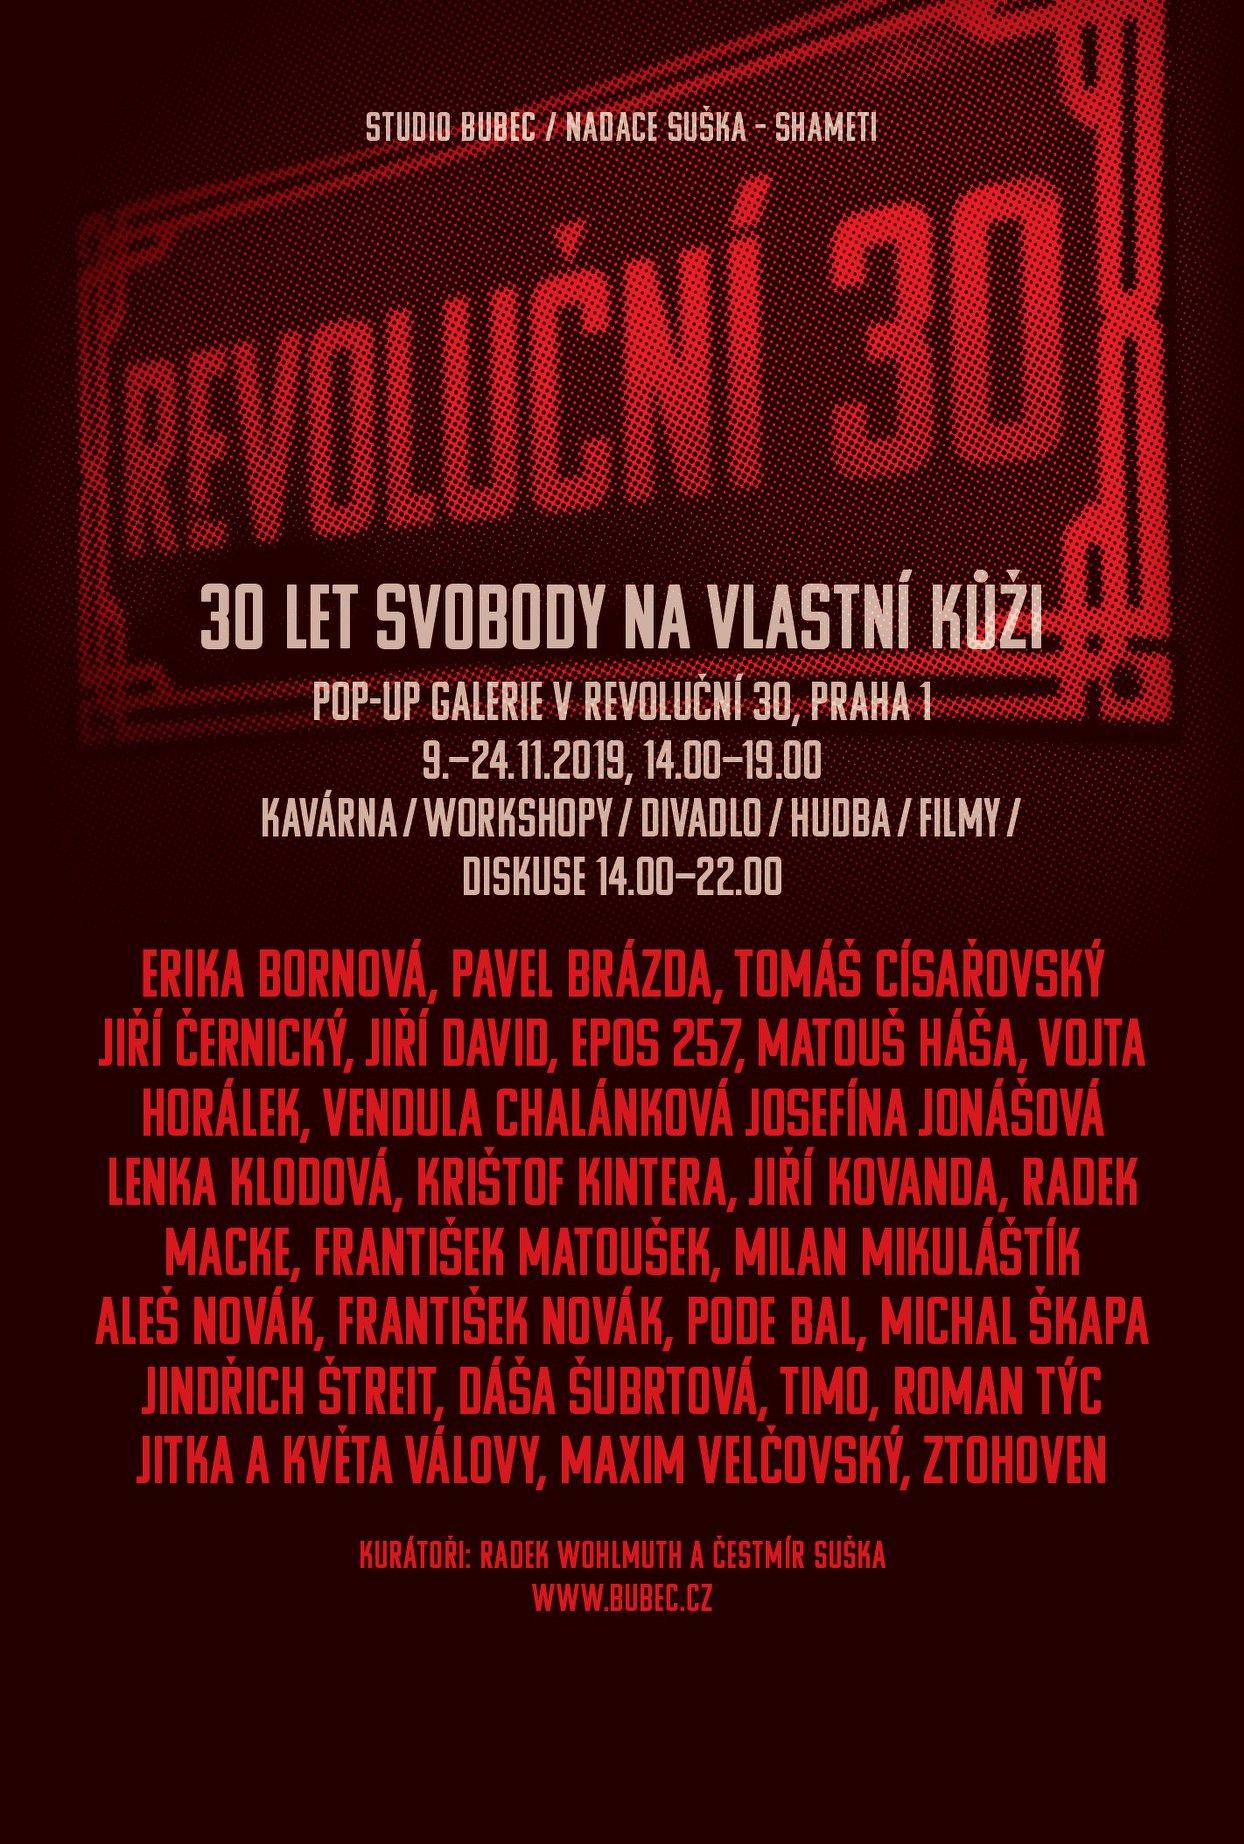 REVOLUČNÍ 30: 30 let svobody na vlastní kůži